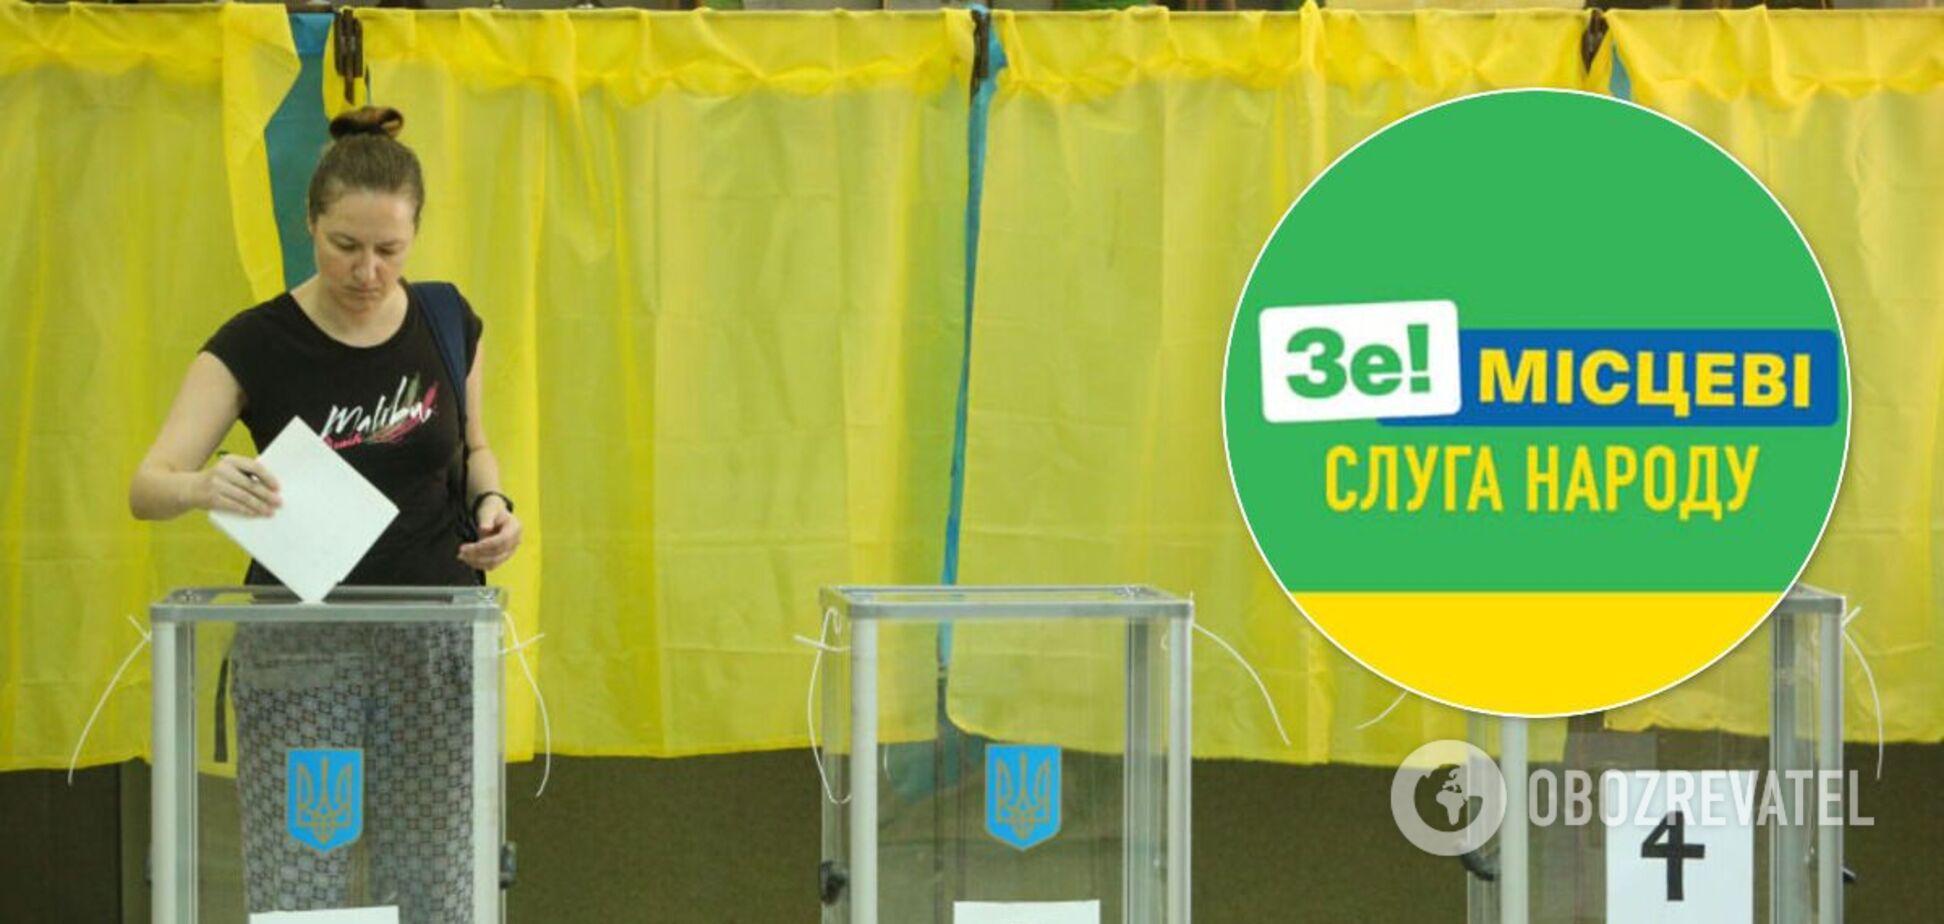 В Николаевской области появился бигборд 'Слуги народа' с лозунгом про Херсонщину. Фото